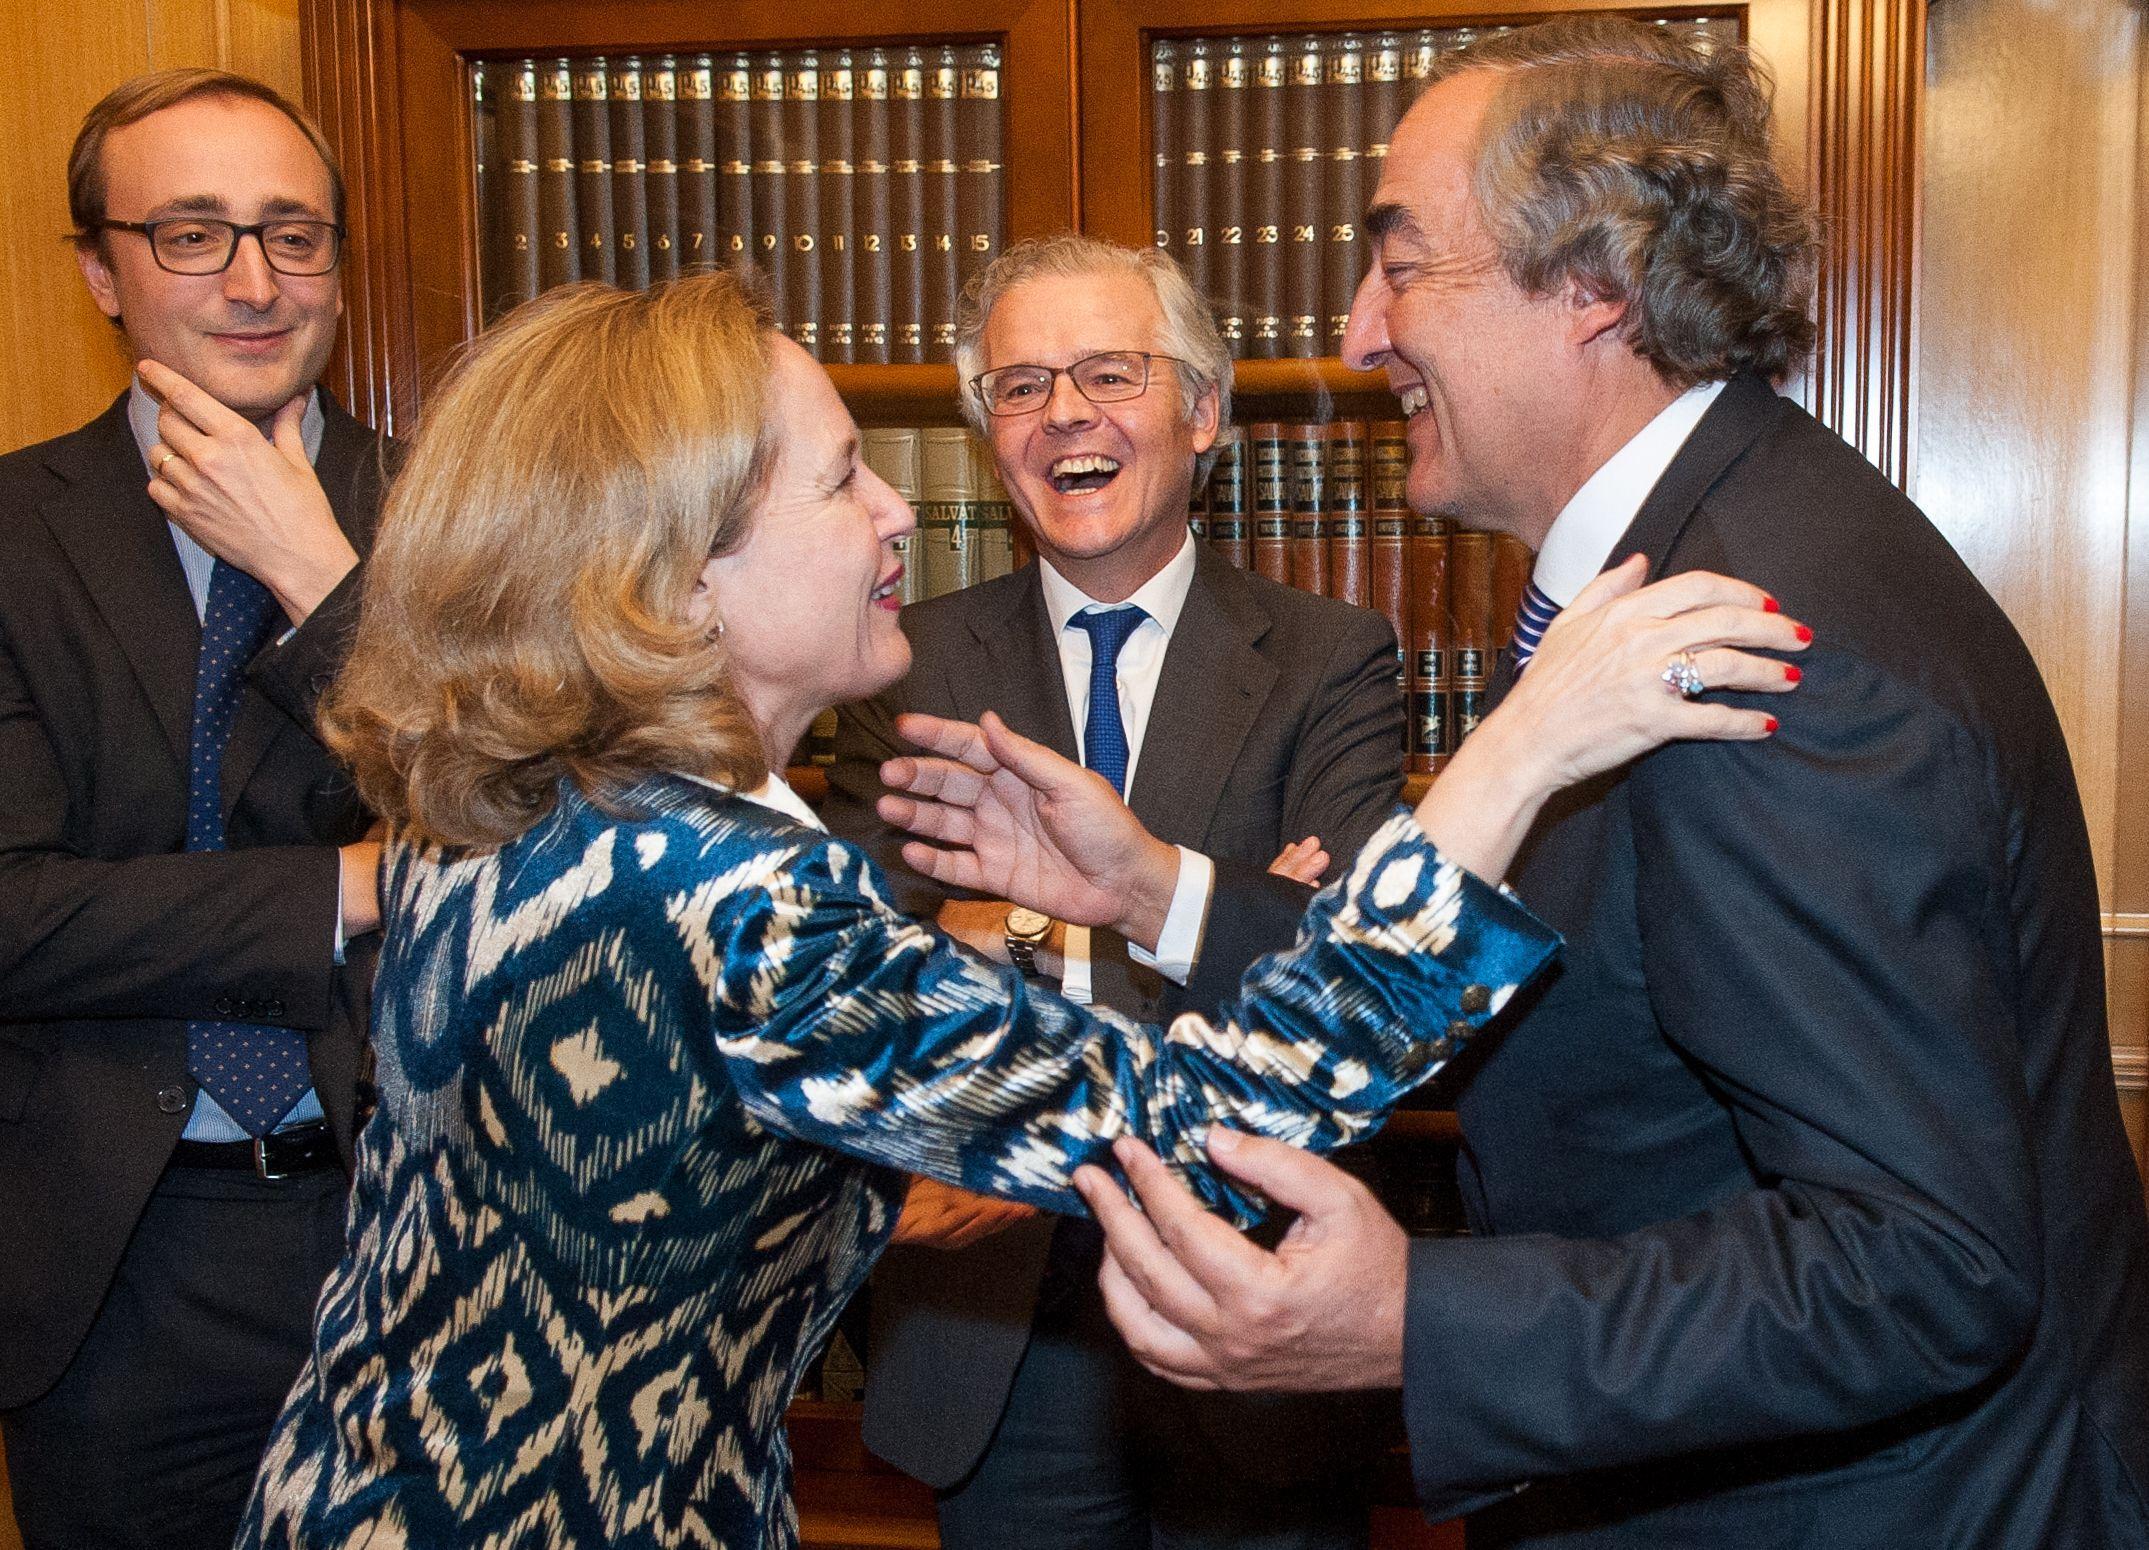 Nadia Calviño saluda a Juan Rosell en presencia de Sebastián Albella, antes de la entrega de los premios Tintero y Secante 2018 que concede la Asociación de Periodistas de Información Económica.